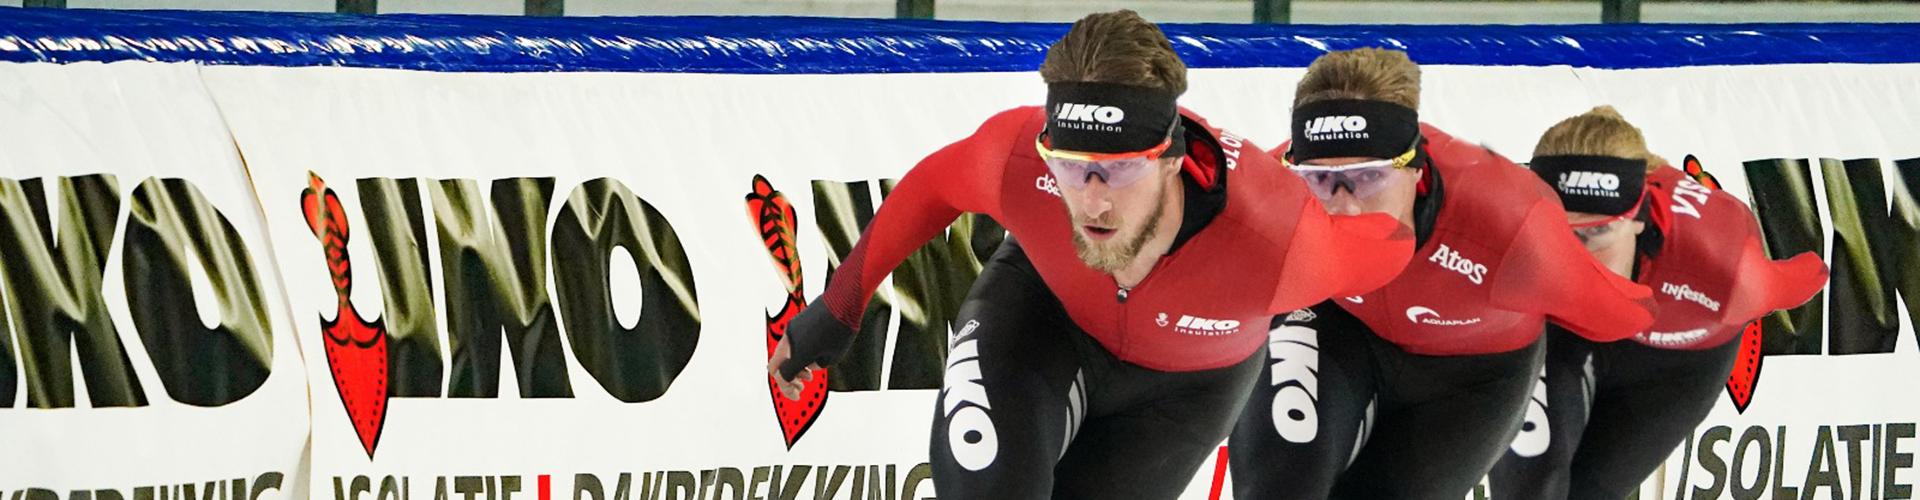 IKO - enthousiaste sponsor van het veldrijden en schaatsen